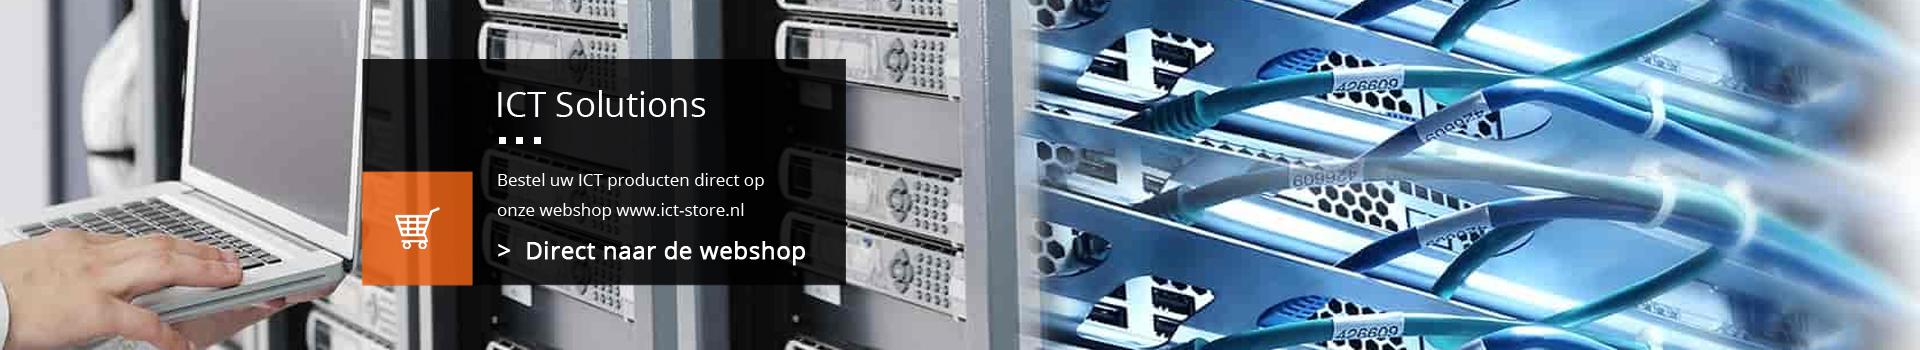 Mascosite - ICT Solutions - Mainbanner 1